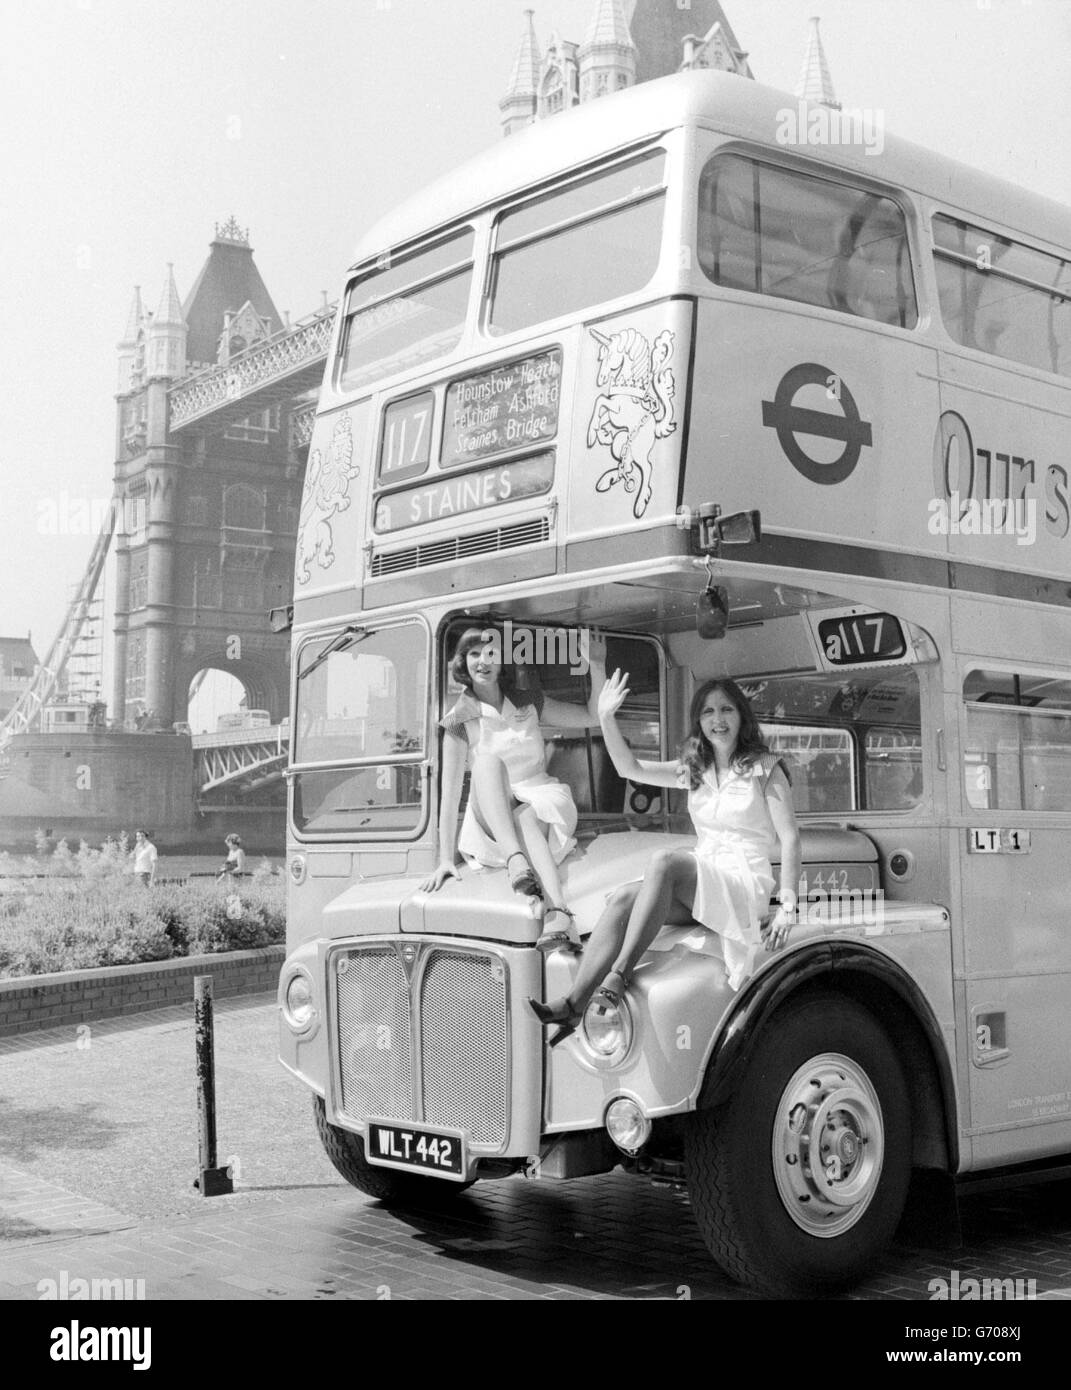 London Buses in Silver Jubilee Gear - Stock Image